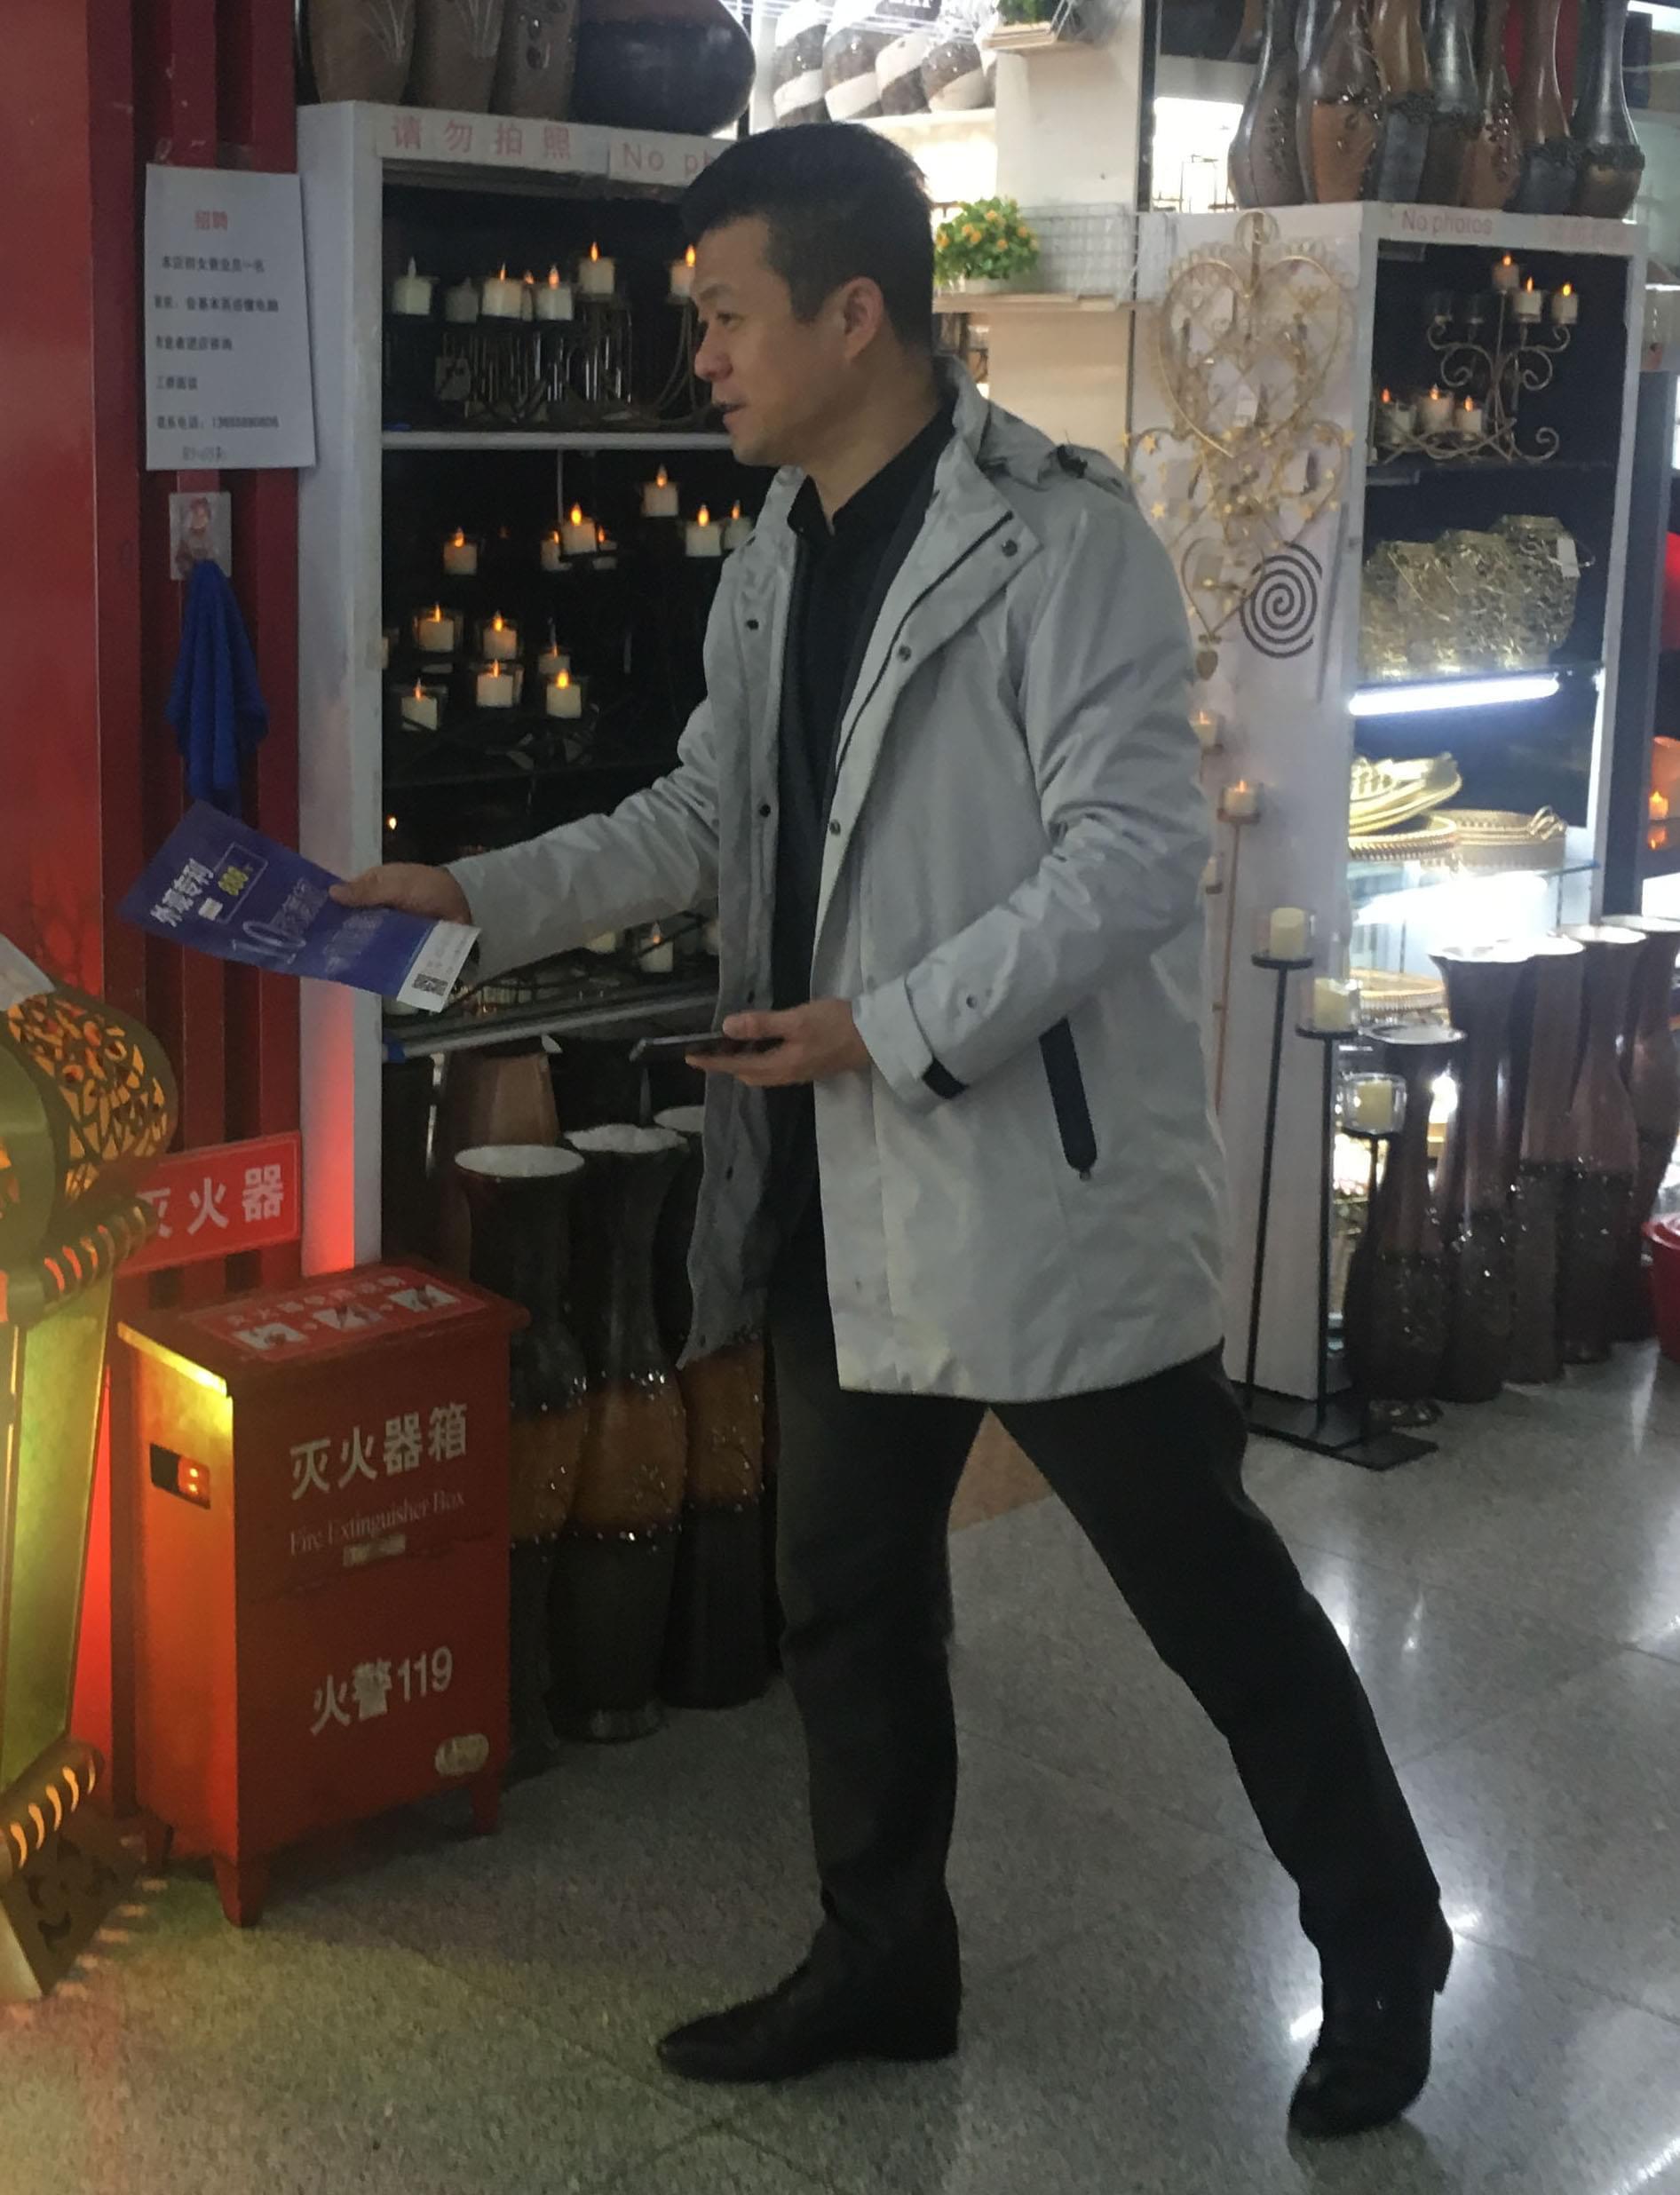 义乌快维中心申请专利十天授权,一个月拿证申通商标